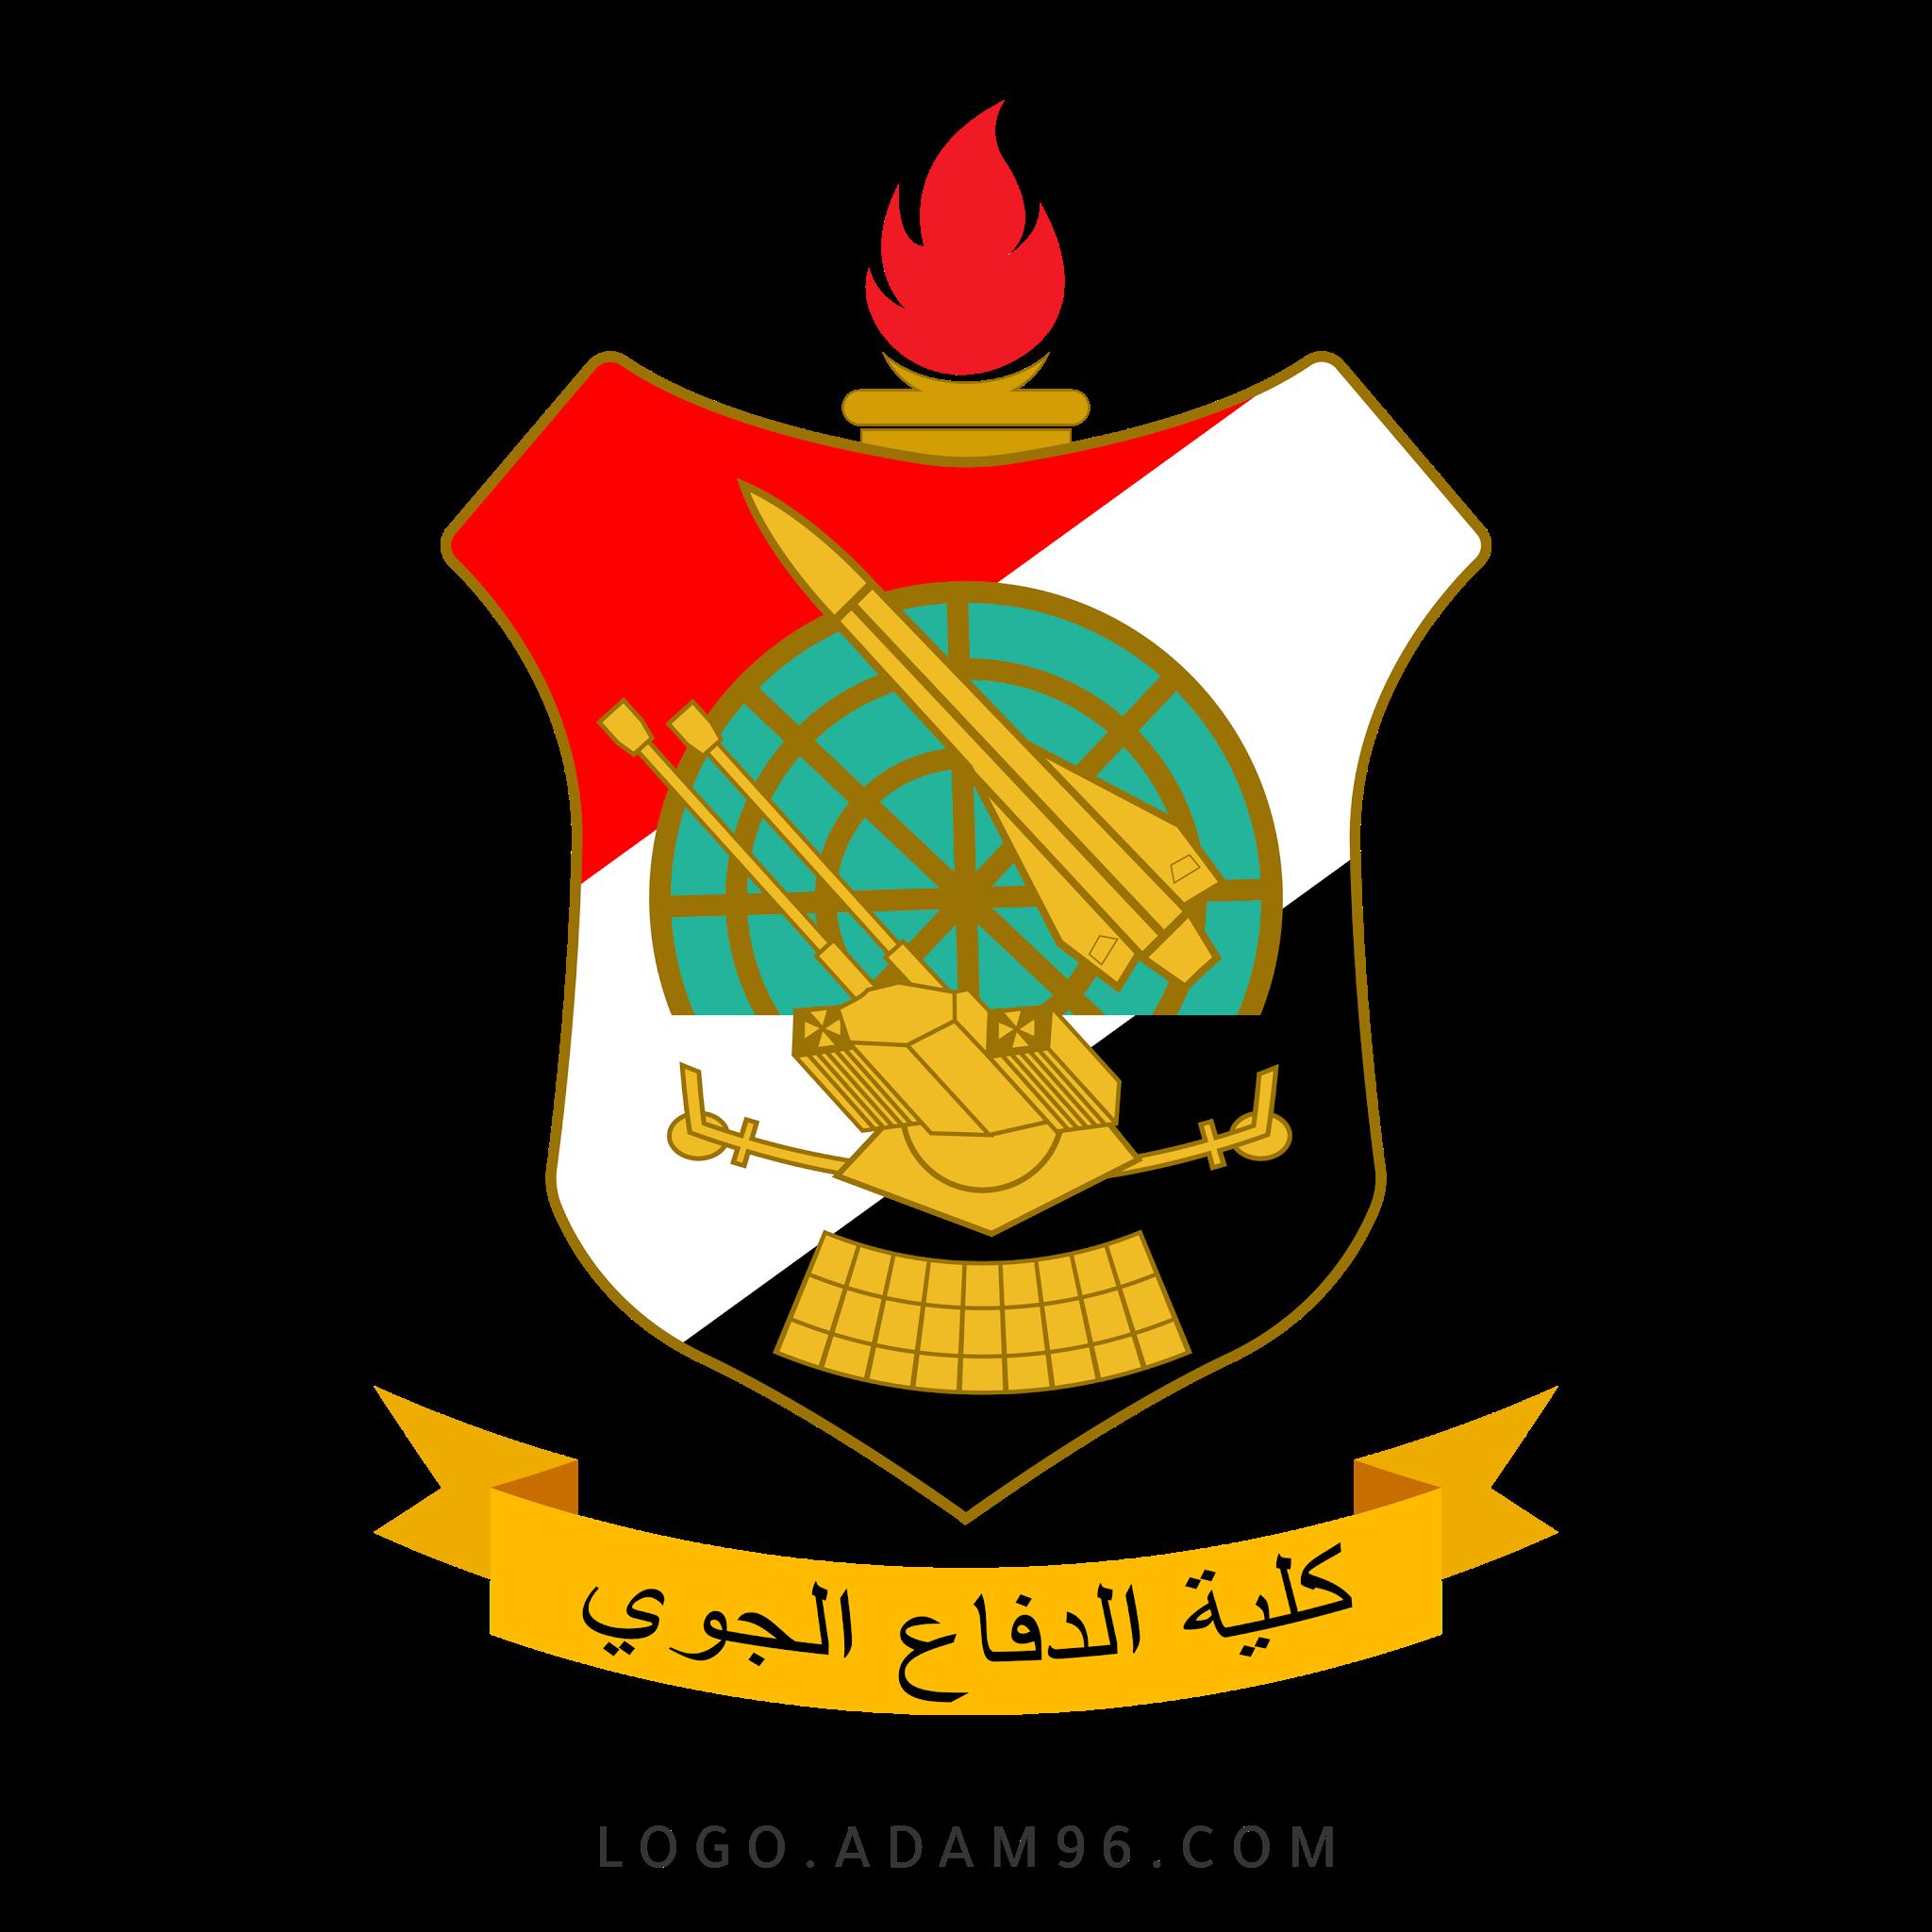 تحميل شعار كلية الدفاع الجوي المصرية لوجو رسمي بجودة عالية PNG